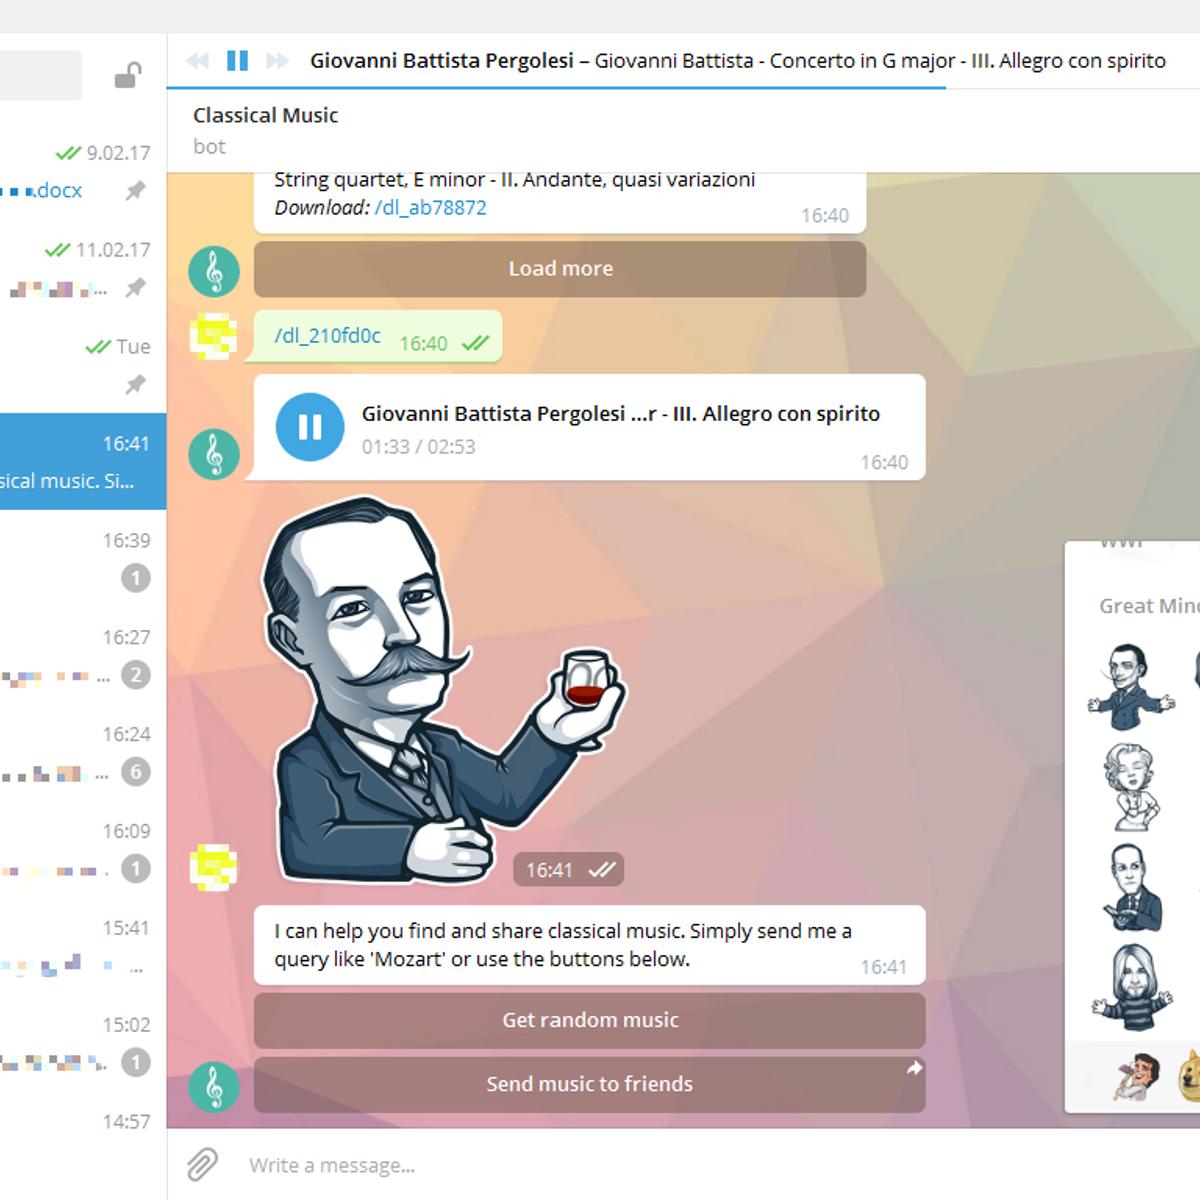 Telegram Alternatives for Windows S - AlternativeTo net